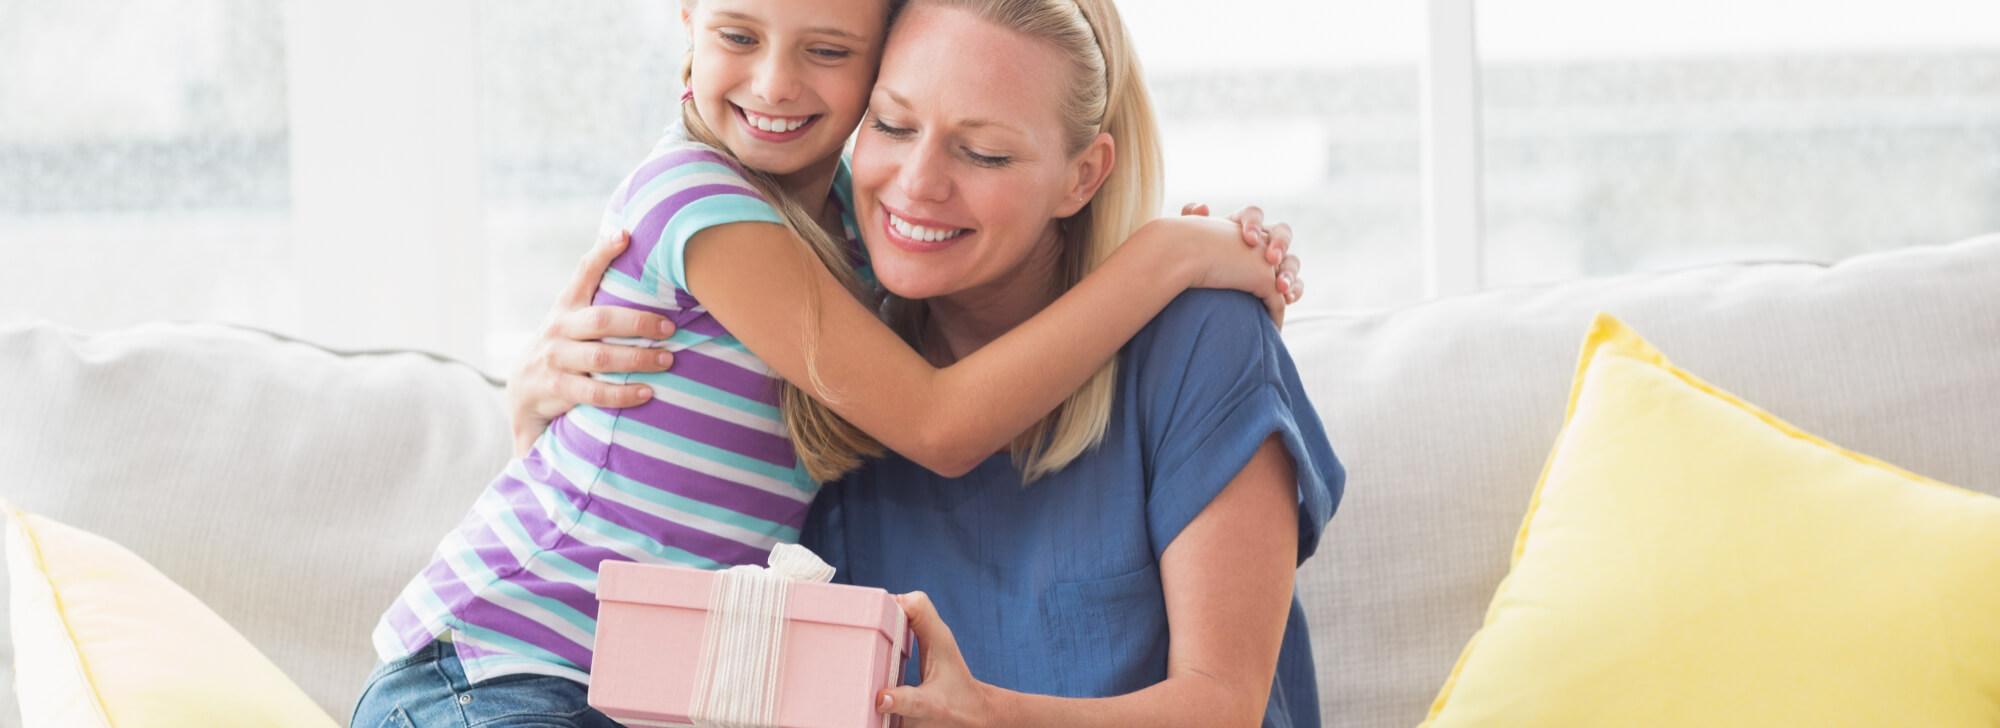 25 tipov na najlepie dareky pre mamu nielen na, vianoce 2020